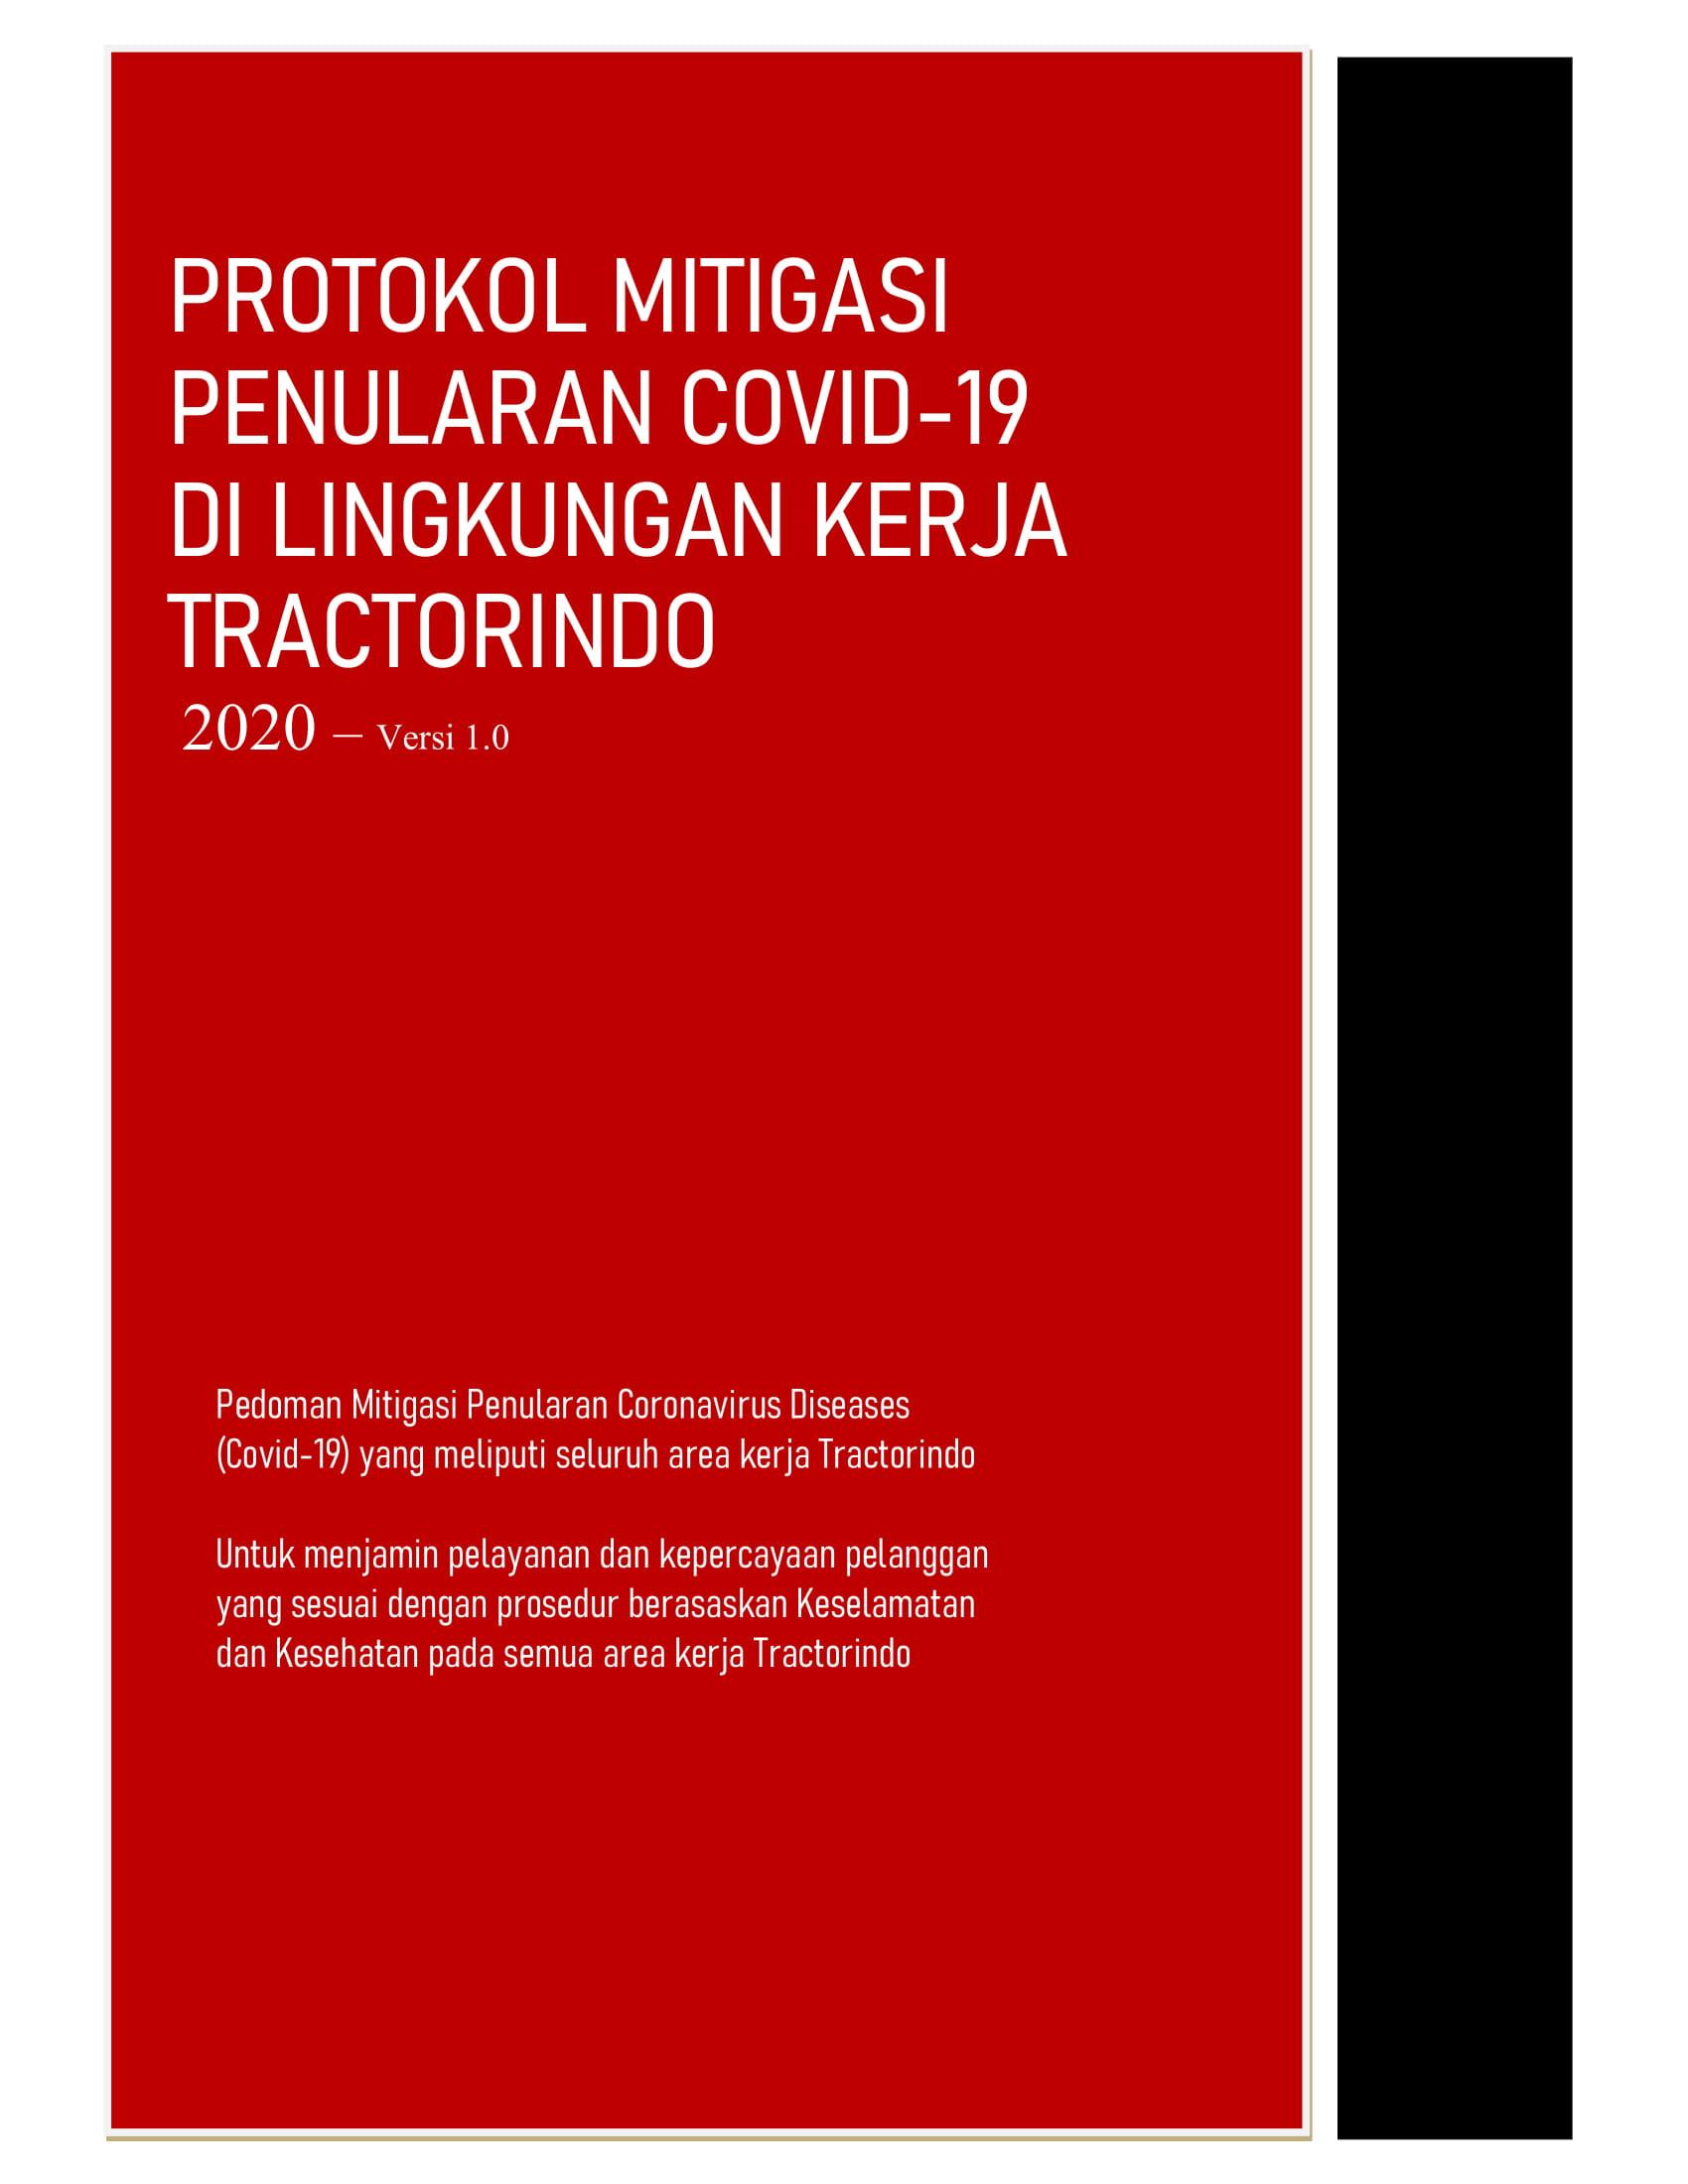 PROTOKOL MITIGASI ver2-01